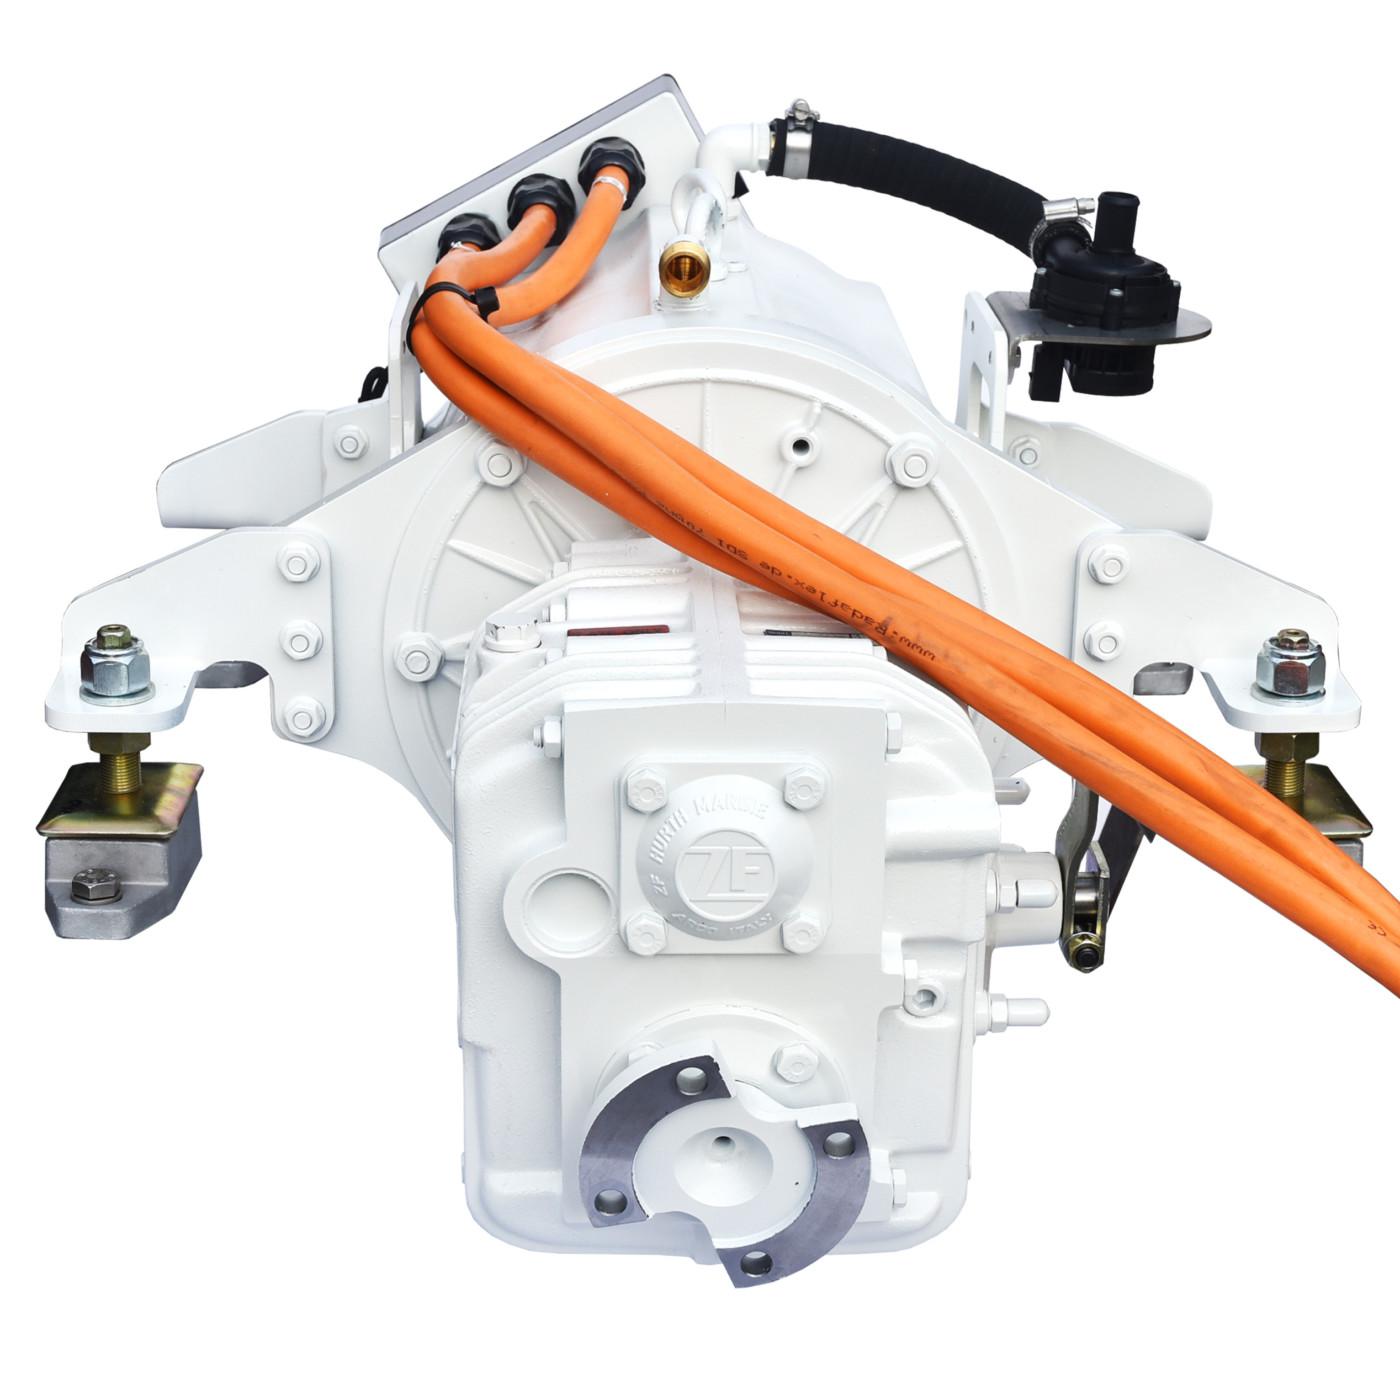 Website afbeelding, Imansson Elektromotor Marine, 19 kW 48 Volt, vooraanzicht (keerkoppeling) sq